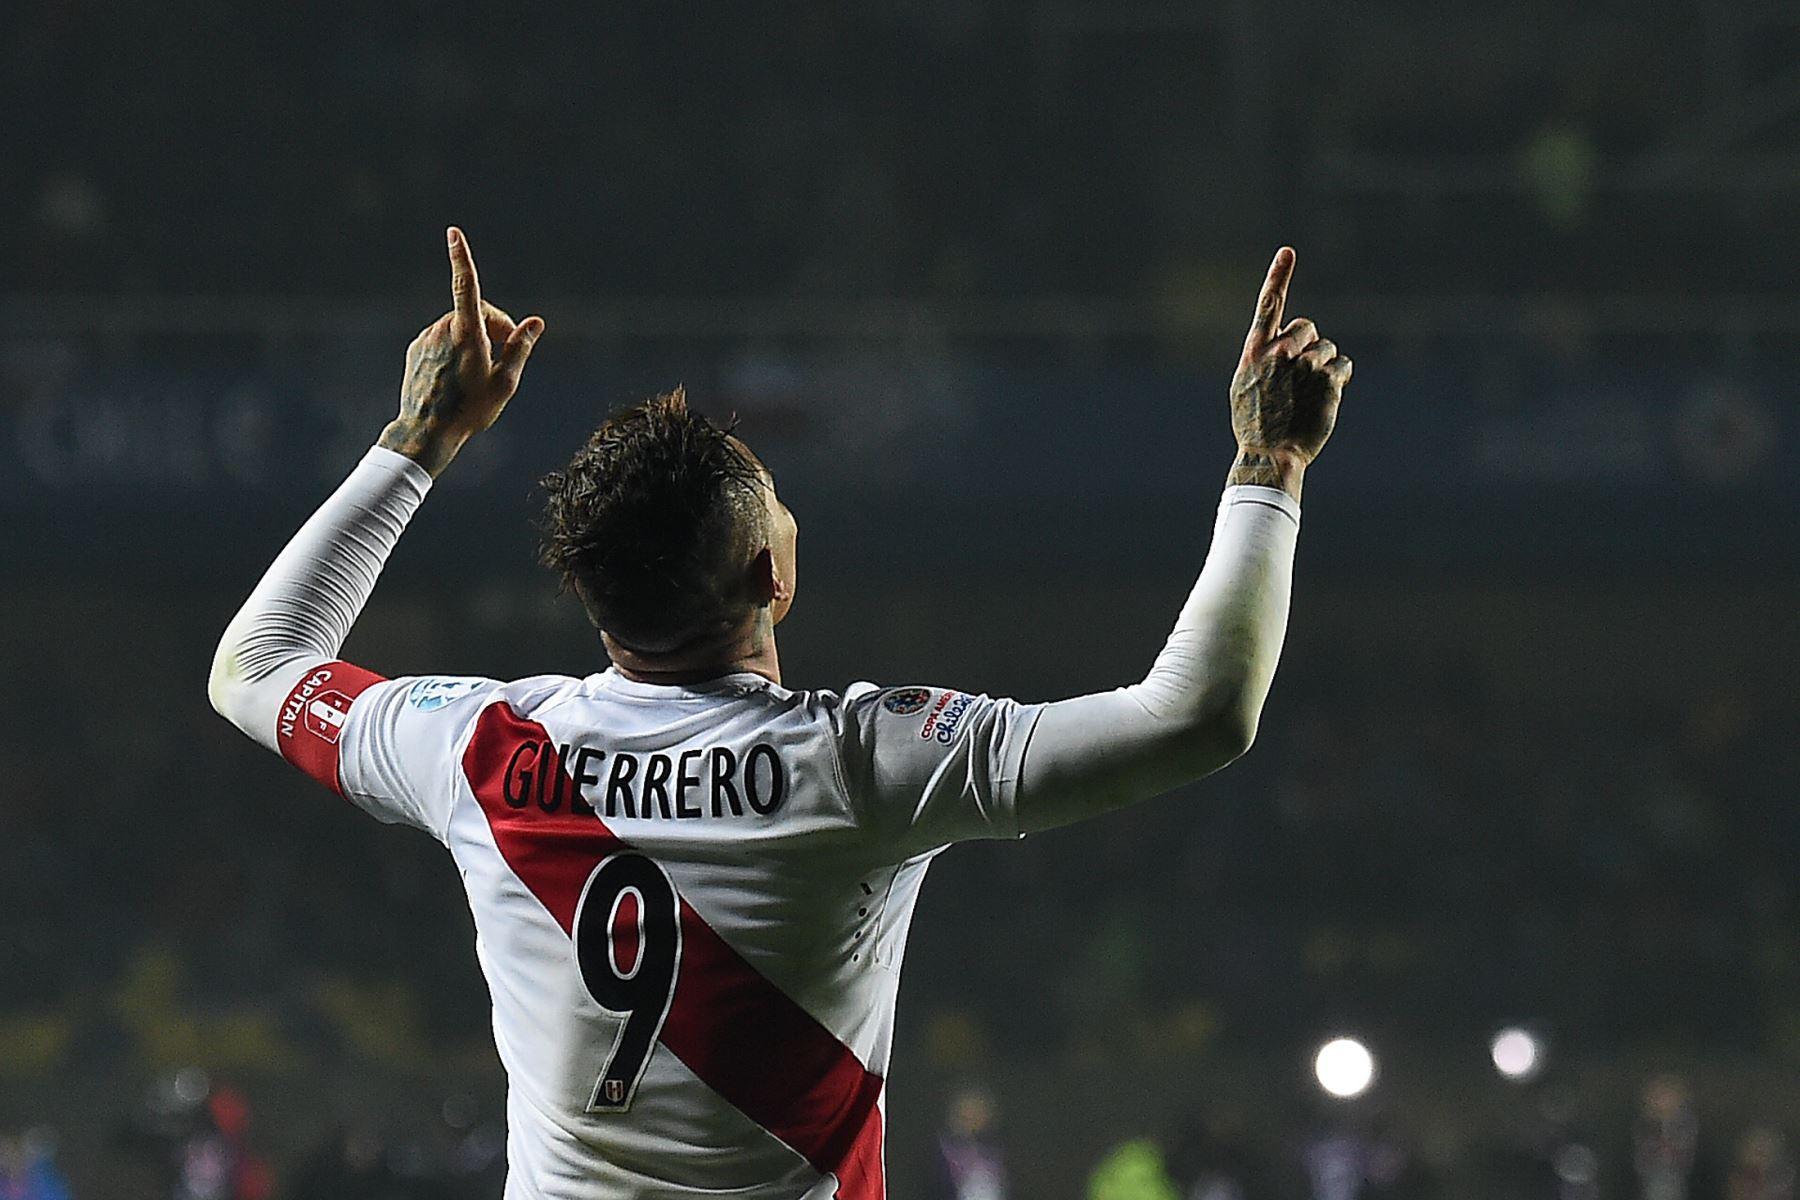 El delantero del Perú, Paolo Guerrero, celebra después de marcar contra Paraguay durante el tercer partido de fútbol de la Copa América en Concepción, Chile, el 3 de julio de 2015.  Foto: AFP